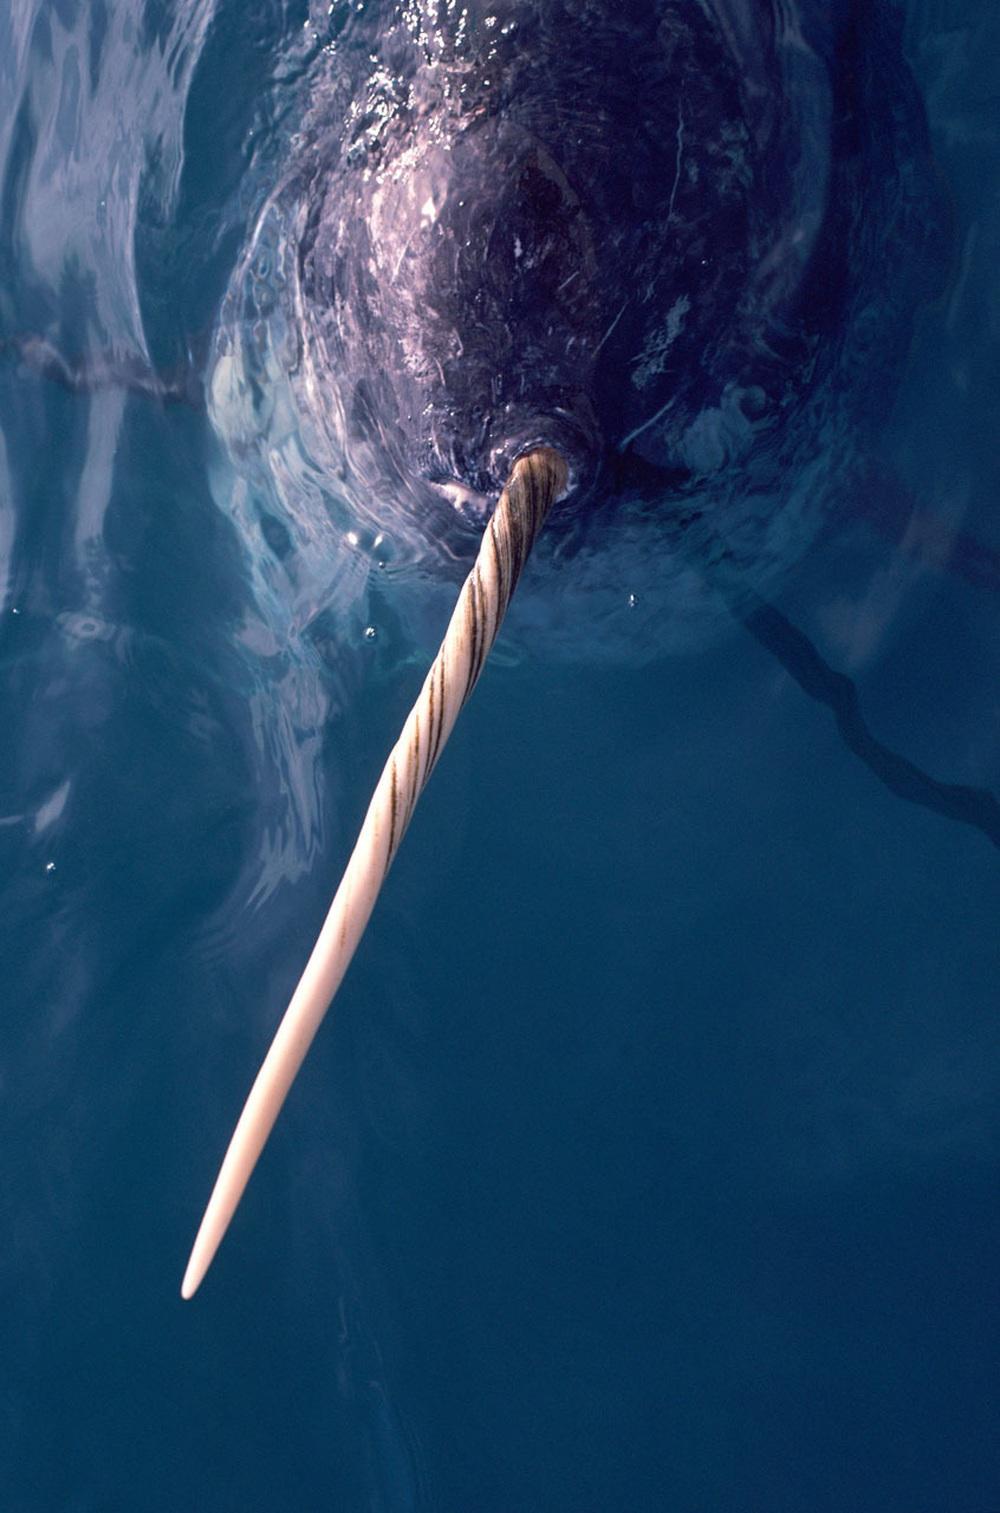 Bí mật chiếc ngà đắt hơn vàng của kỳ lân biển: Báu vật bị săn lùng nhiều bậc nhất châu Âu - Ảnh 4.